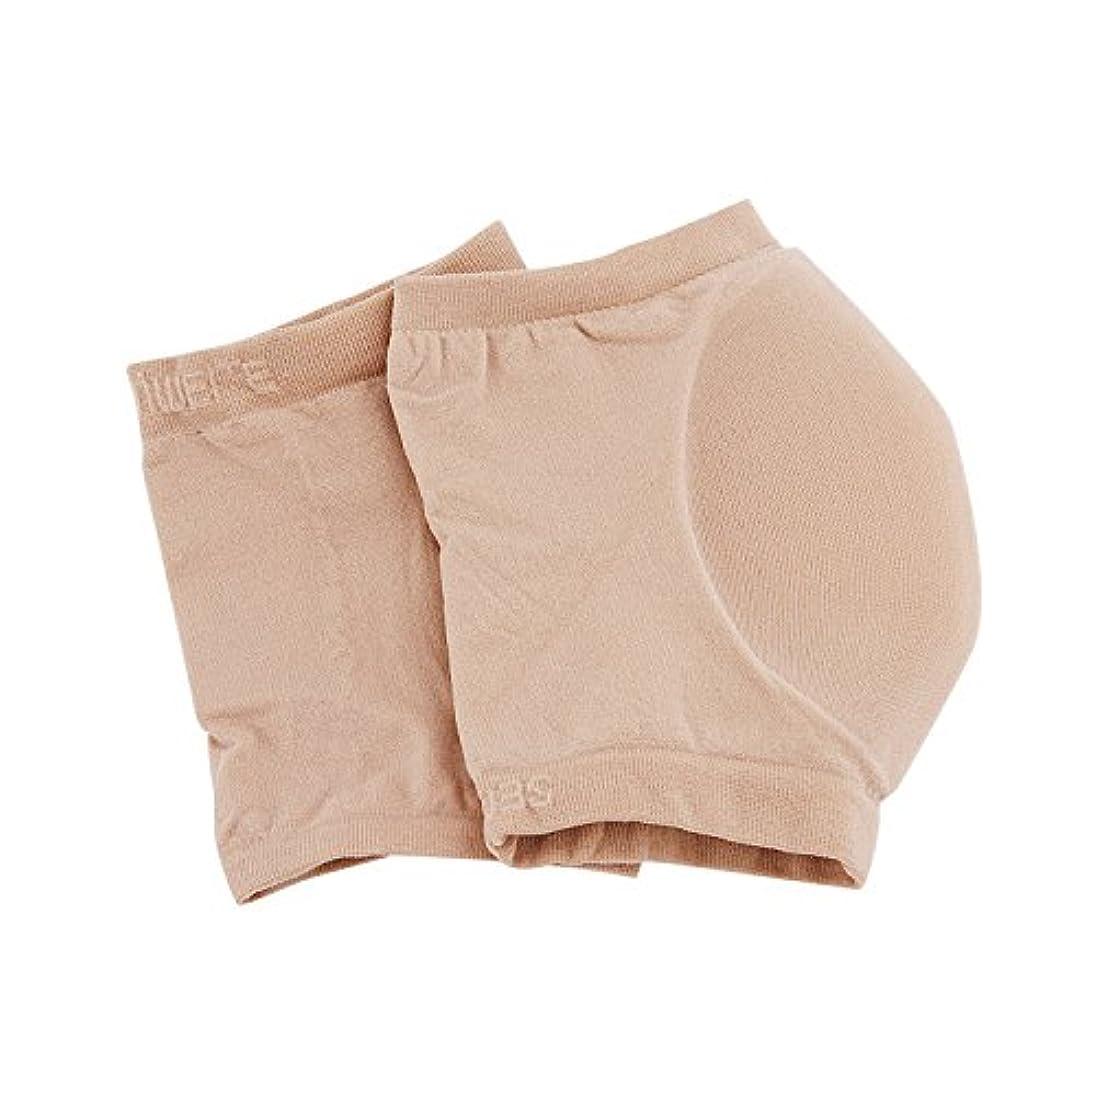 サイレンサミュエル勇敢なかかと 保湿ソックス シリコン 足首用 保護カバー サポーター メンズ レディース ストレッチ性 保護スリーブサポーター 保湿 角質除去 乾燥肌を予防 薄手 柔軟 通気性 かかと靴下 ケア 左右セット M/L 肌色 洗える